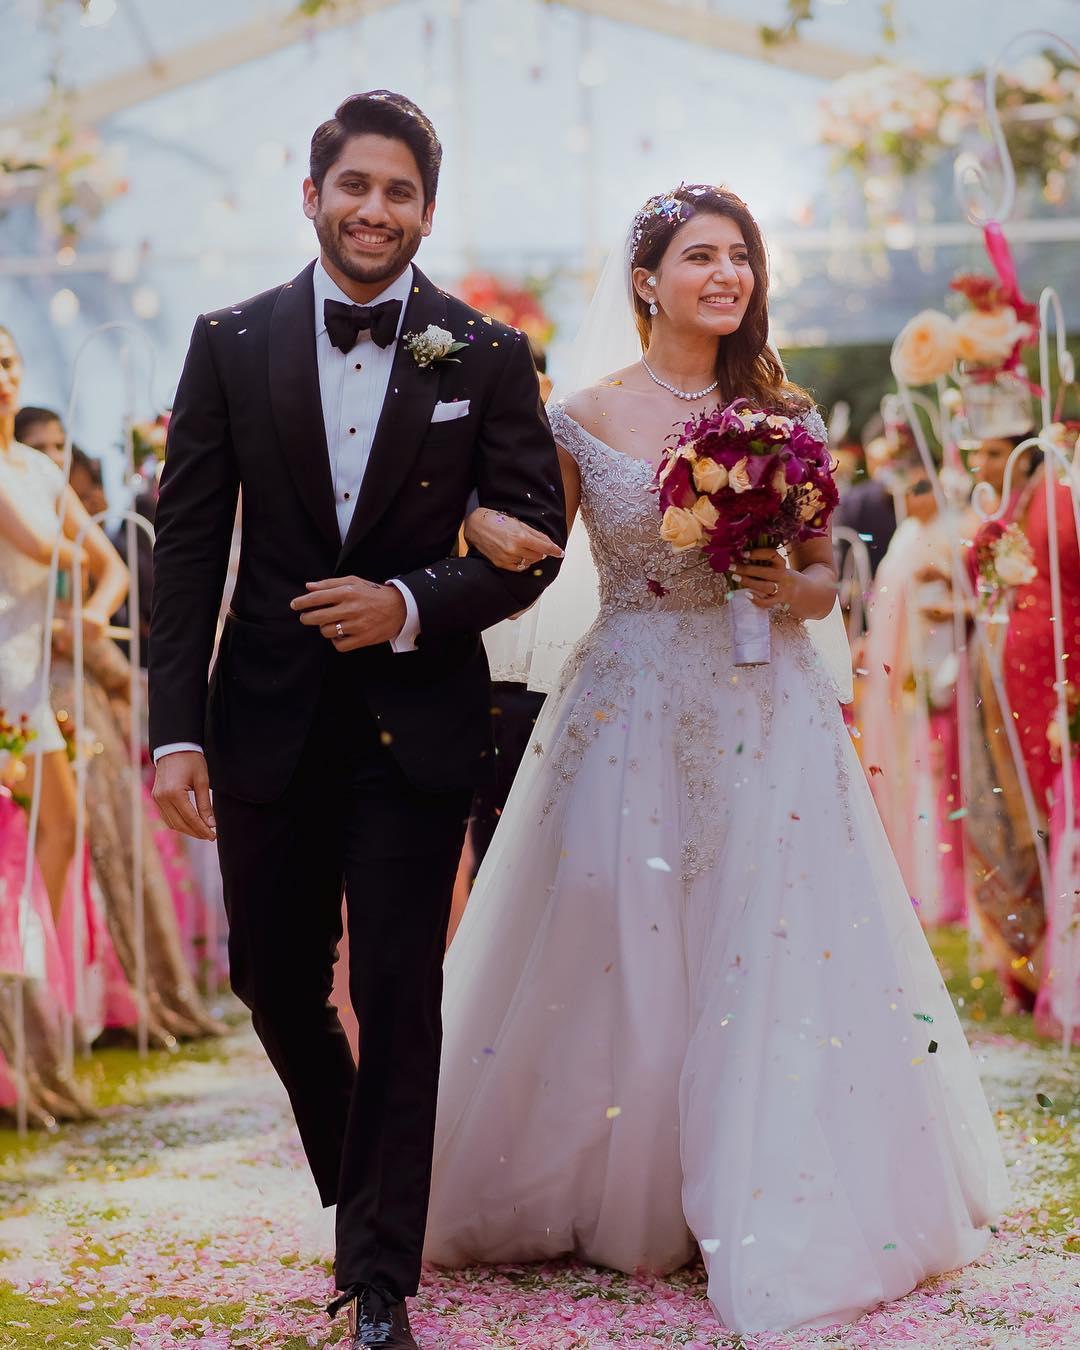 samantha ruth prabhu naga chaitanya akkineni marriage photos hd